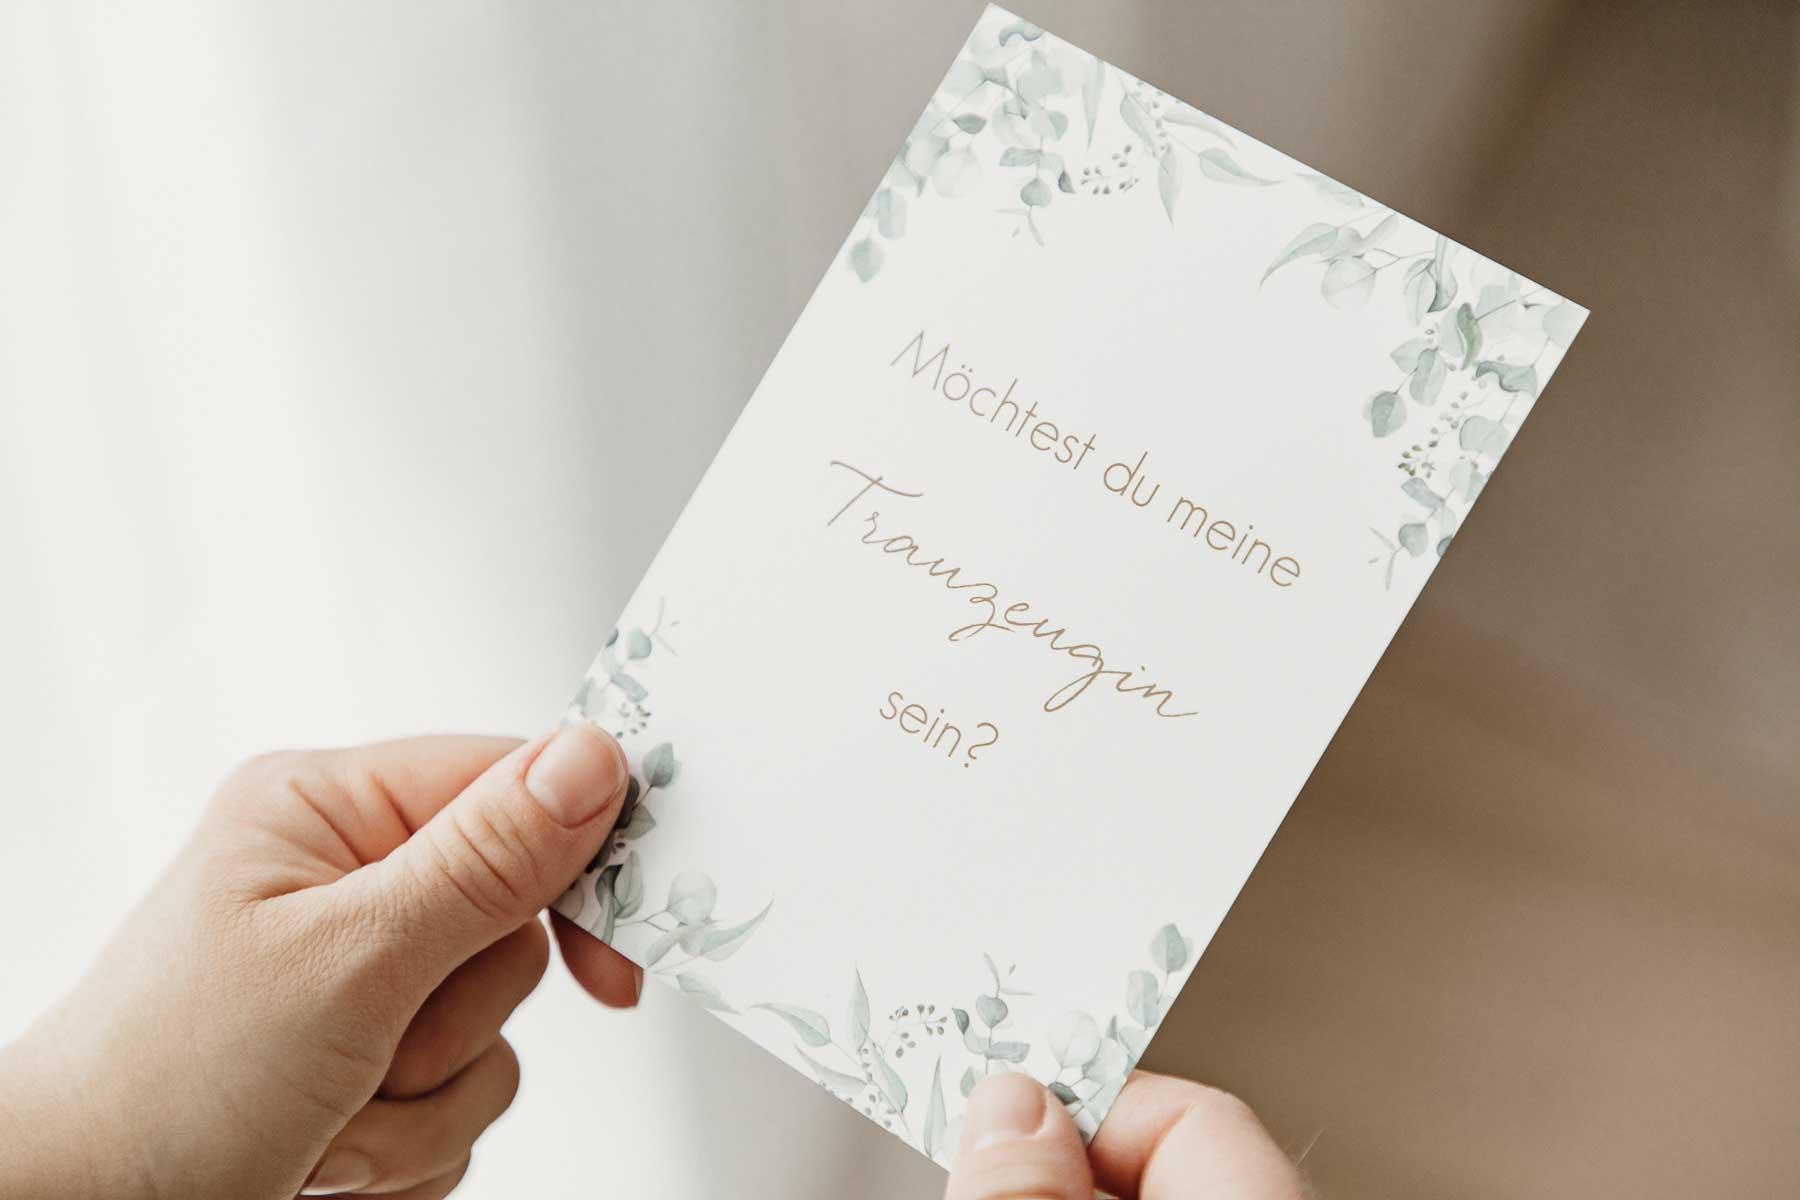 Gratis willst du meine Trauzeugin sein Karte für die Hochzeit zum Verschenken